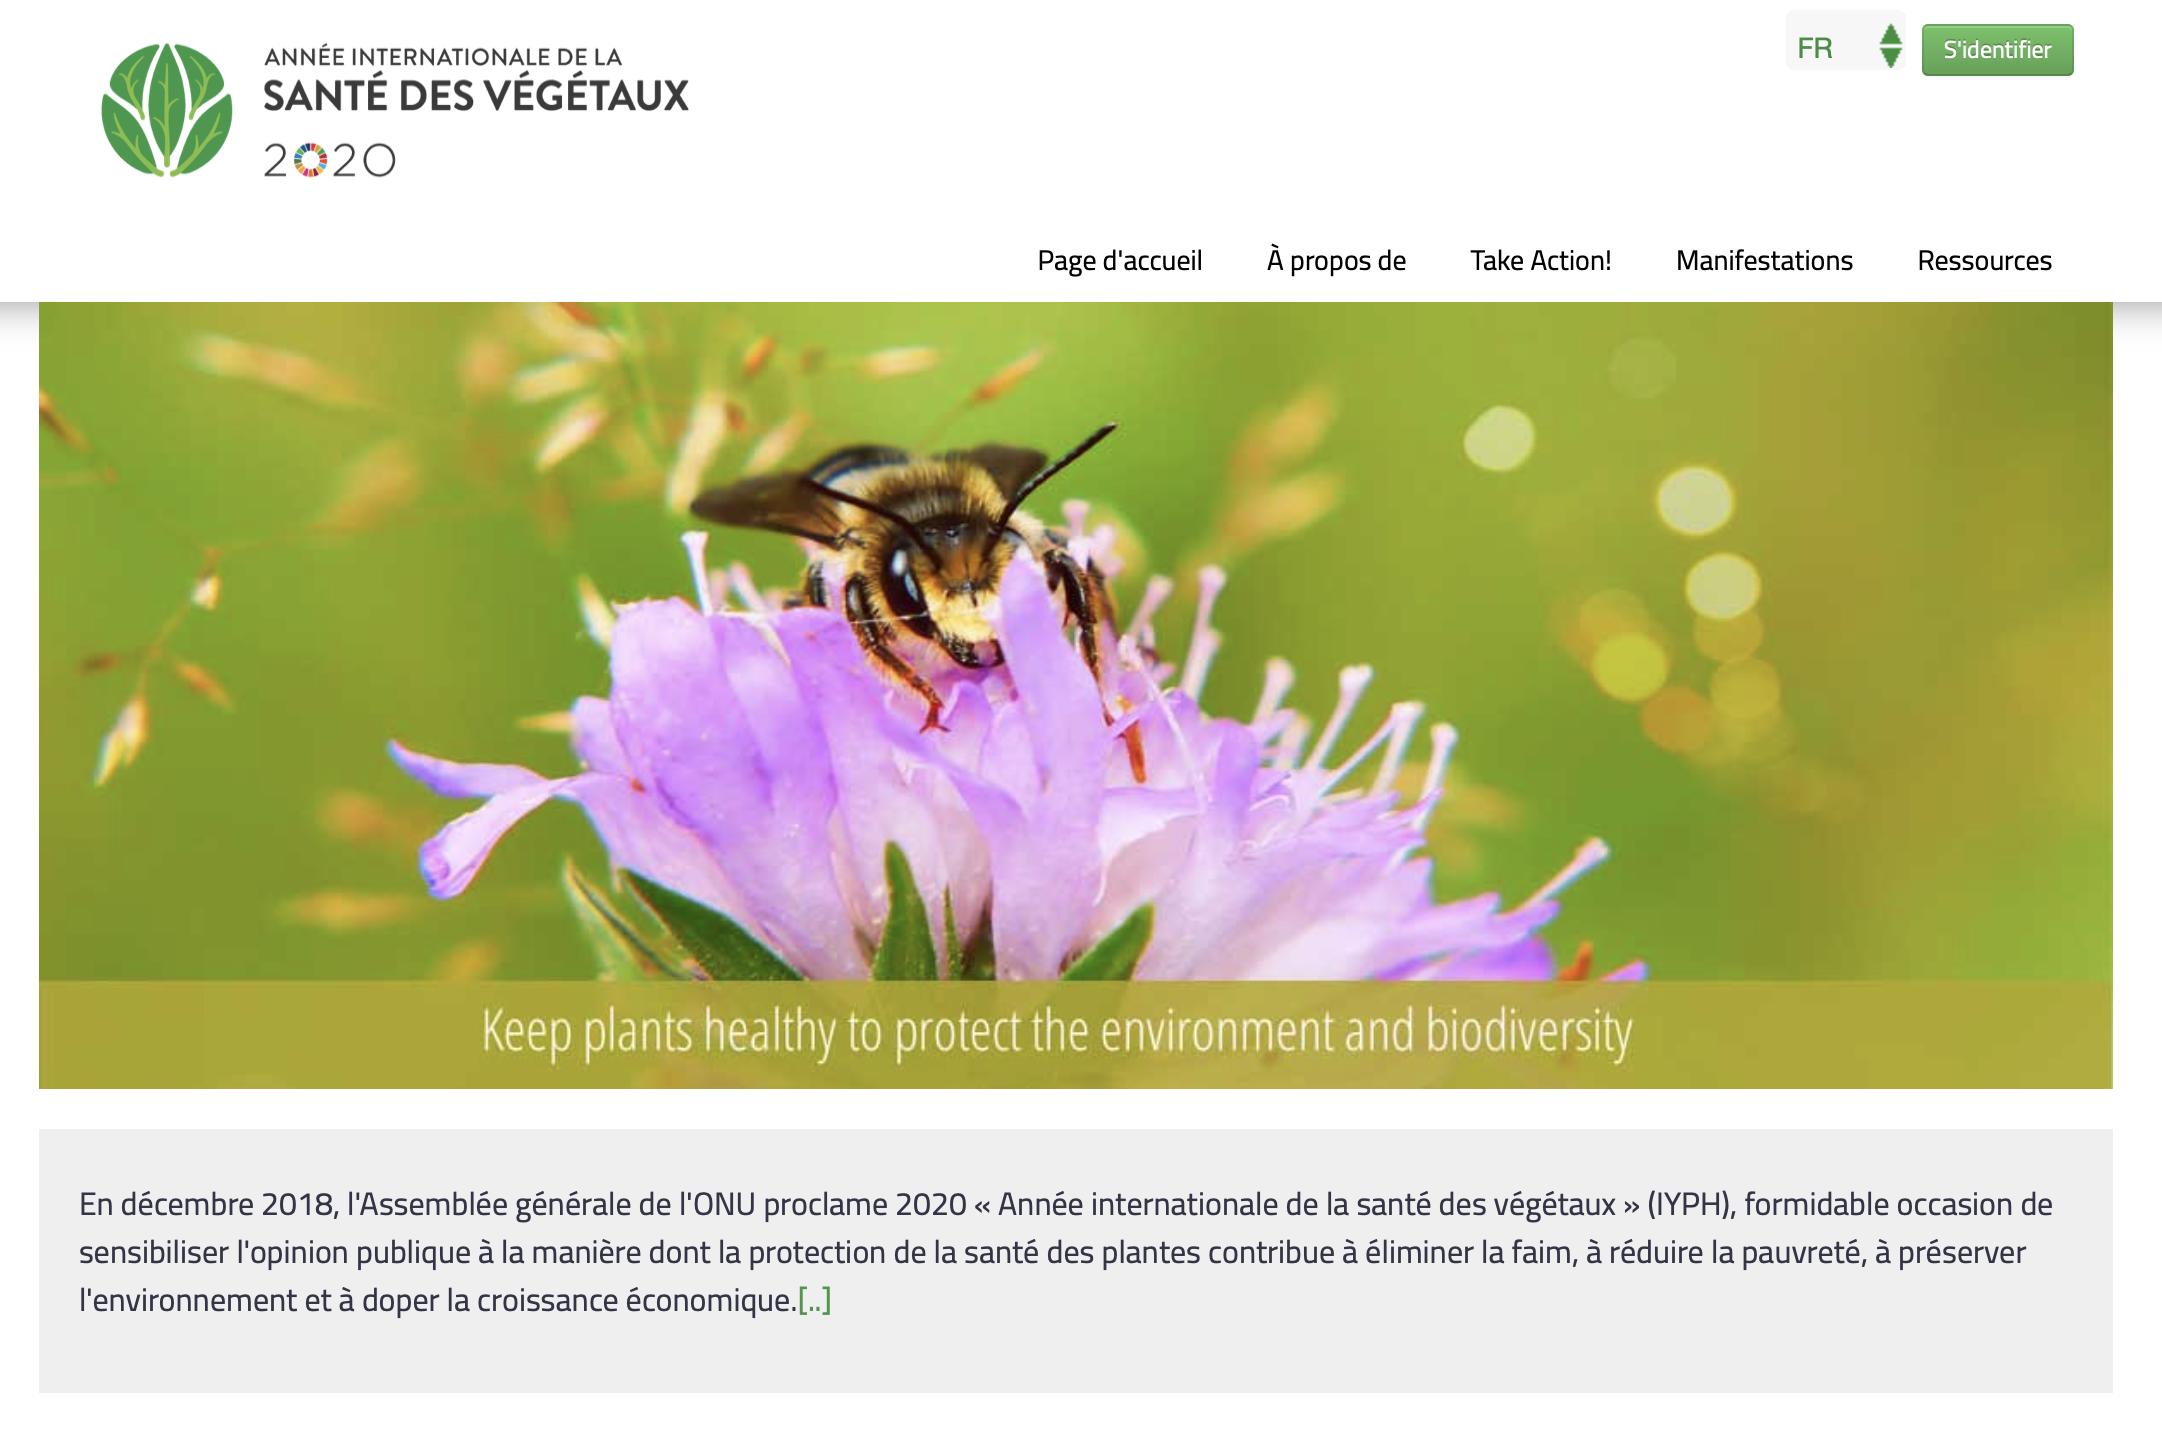 Site Internet de l'Année internationale de la santé des Végétaux